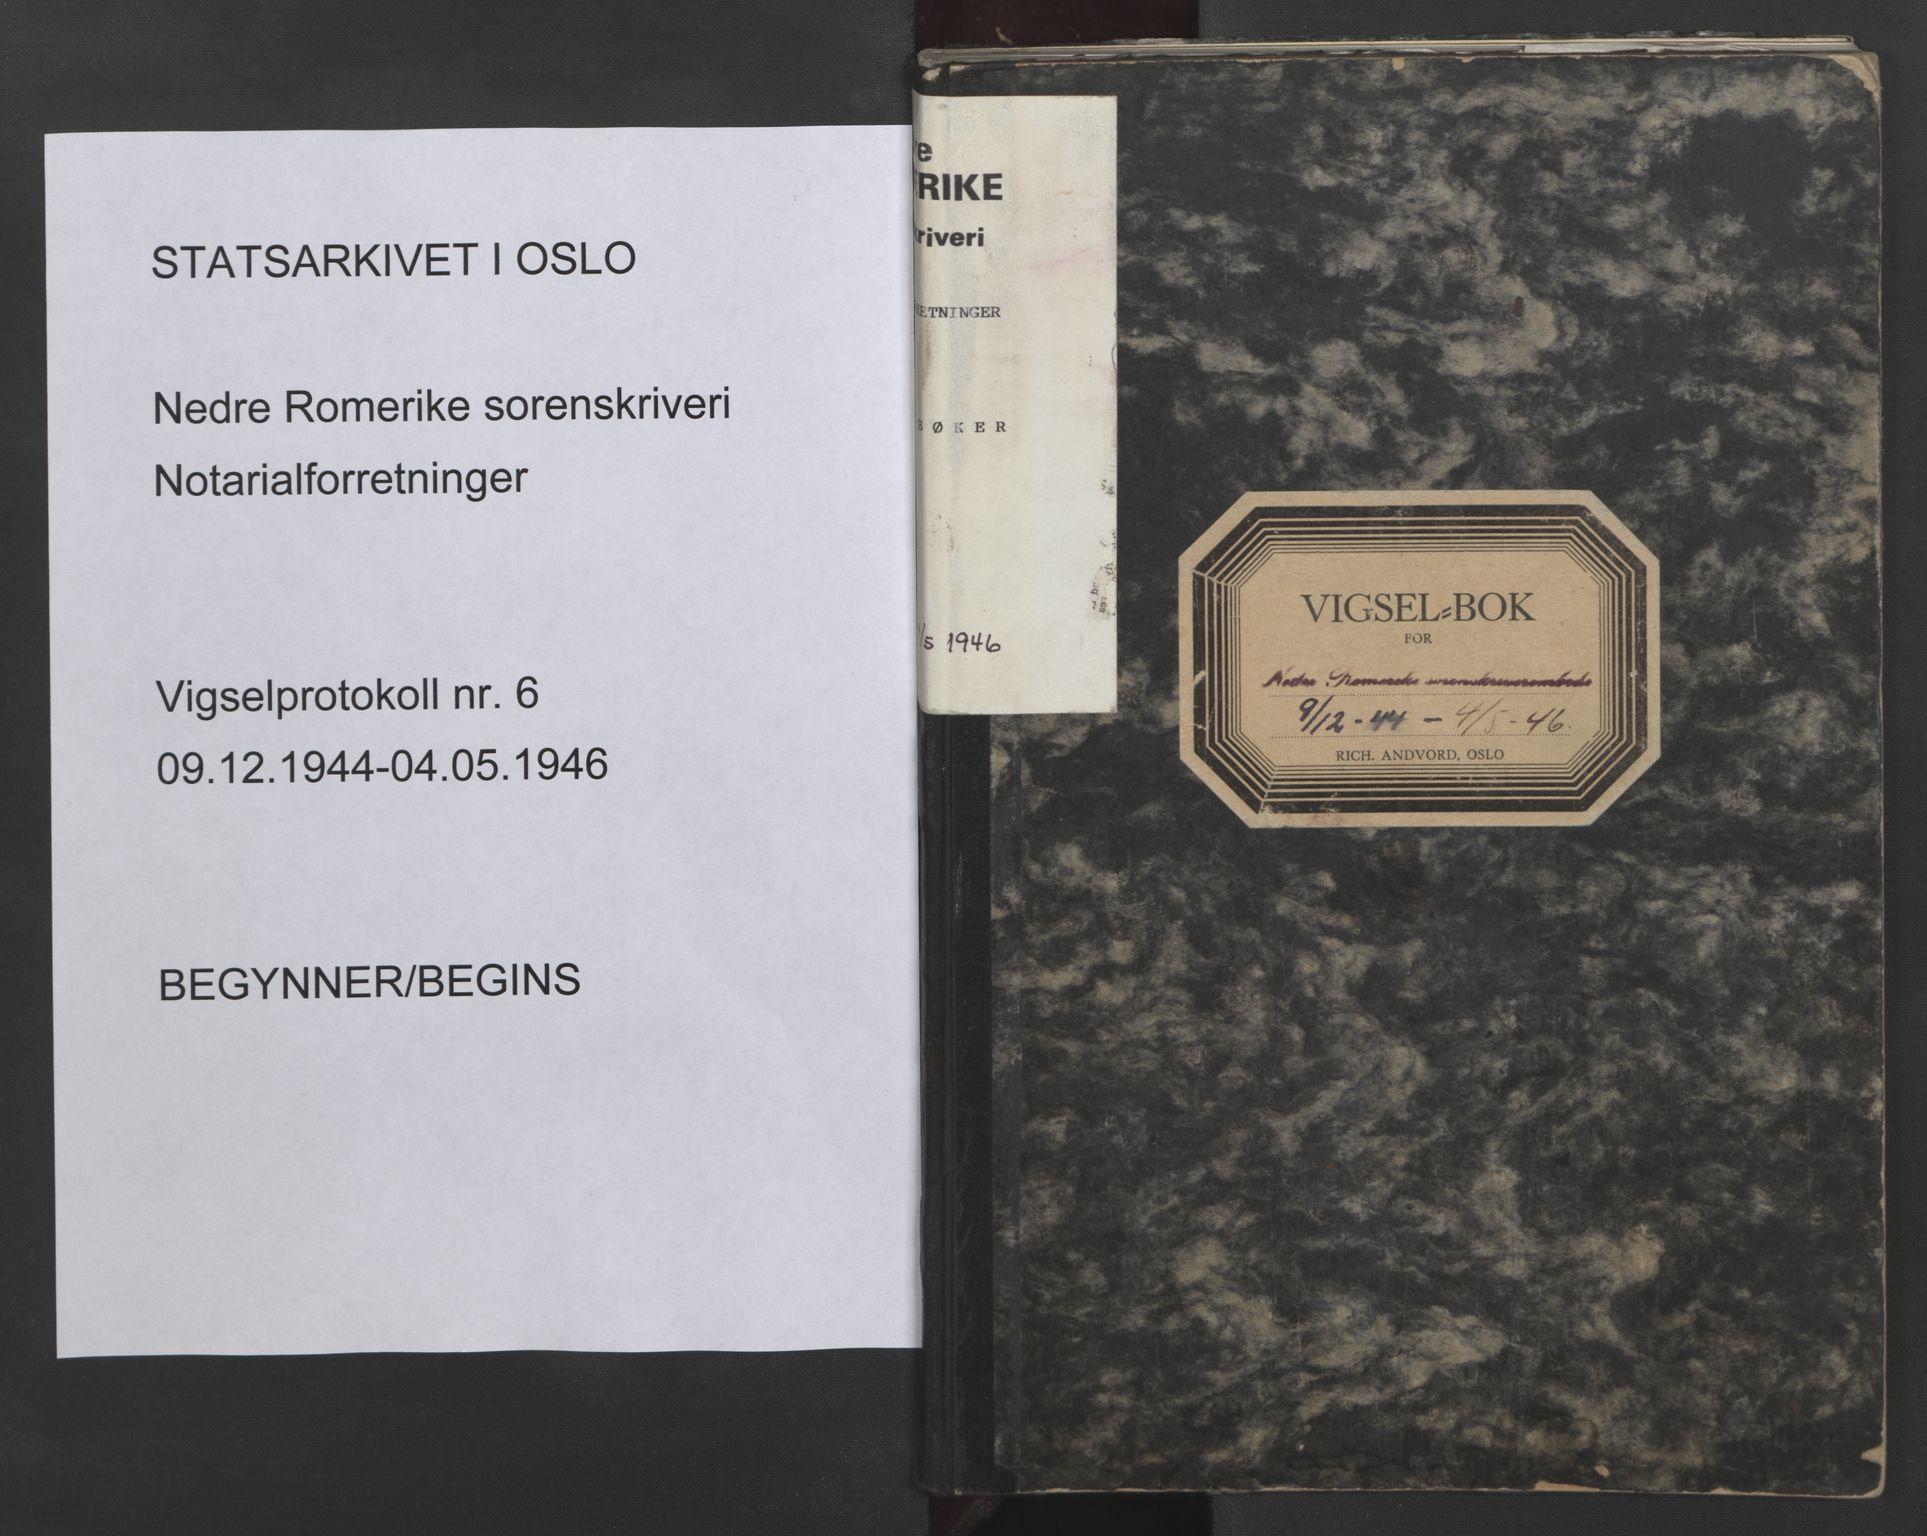 SAO, Nedre Romerike sorenskriveri, L/Lb/L0006: Vigselsbok - borgerlige vielser, 1944-1946, s. upaginert